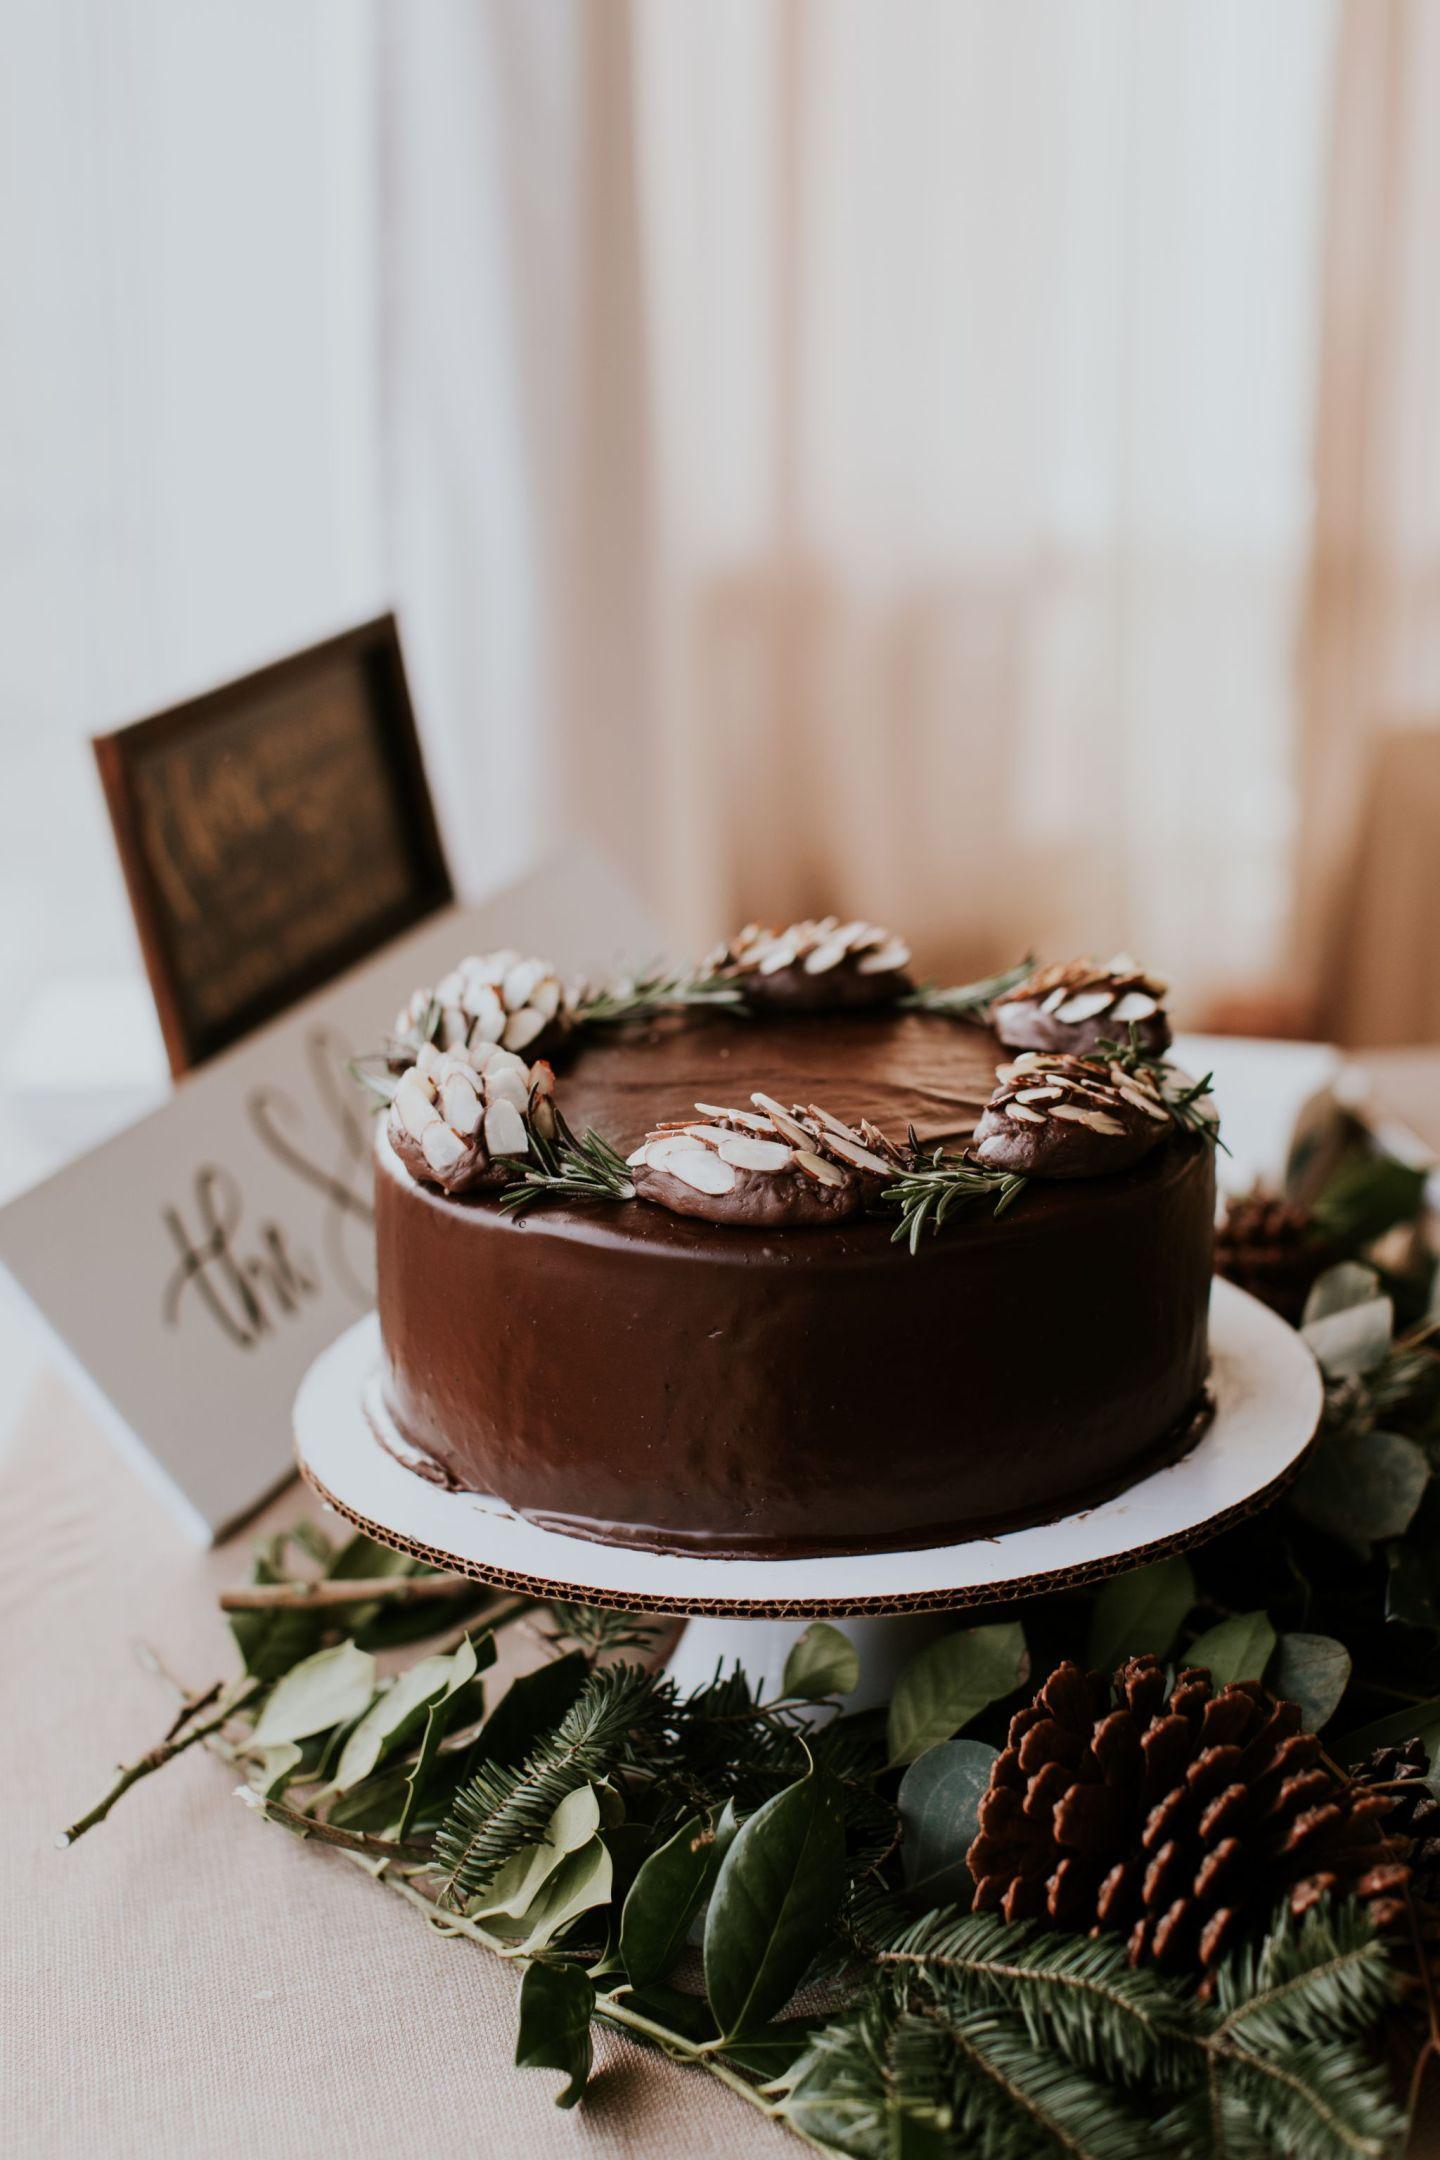 winter wedding cake - diy winter wedding cake - pinecone wedding cake